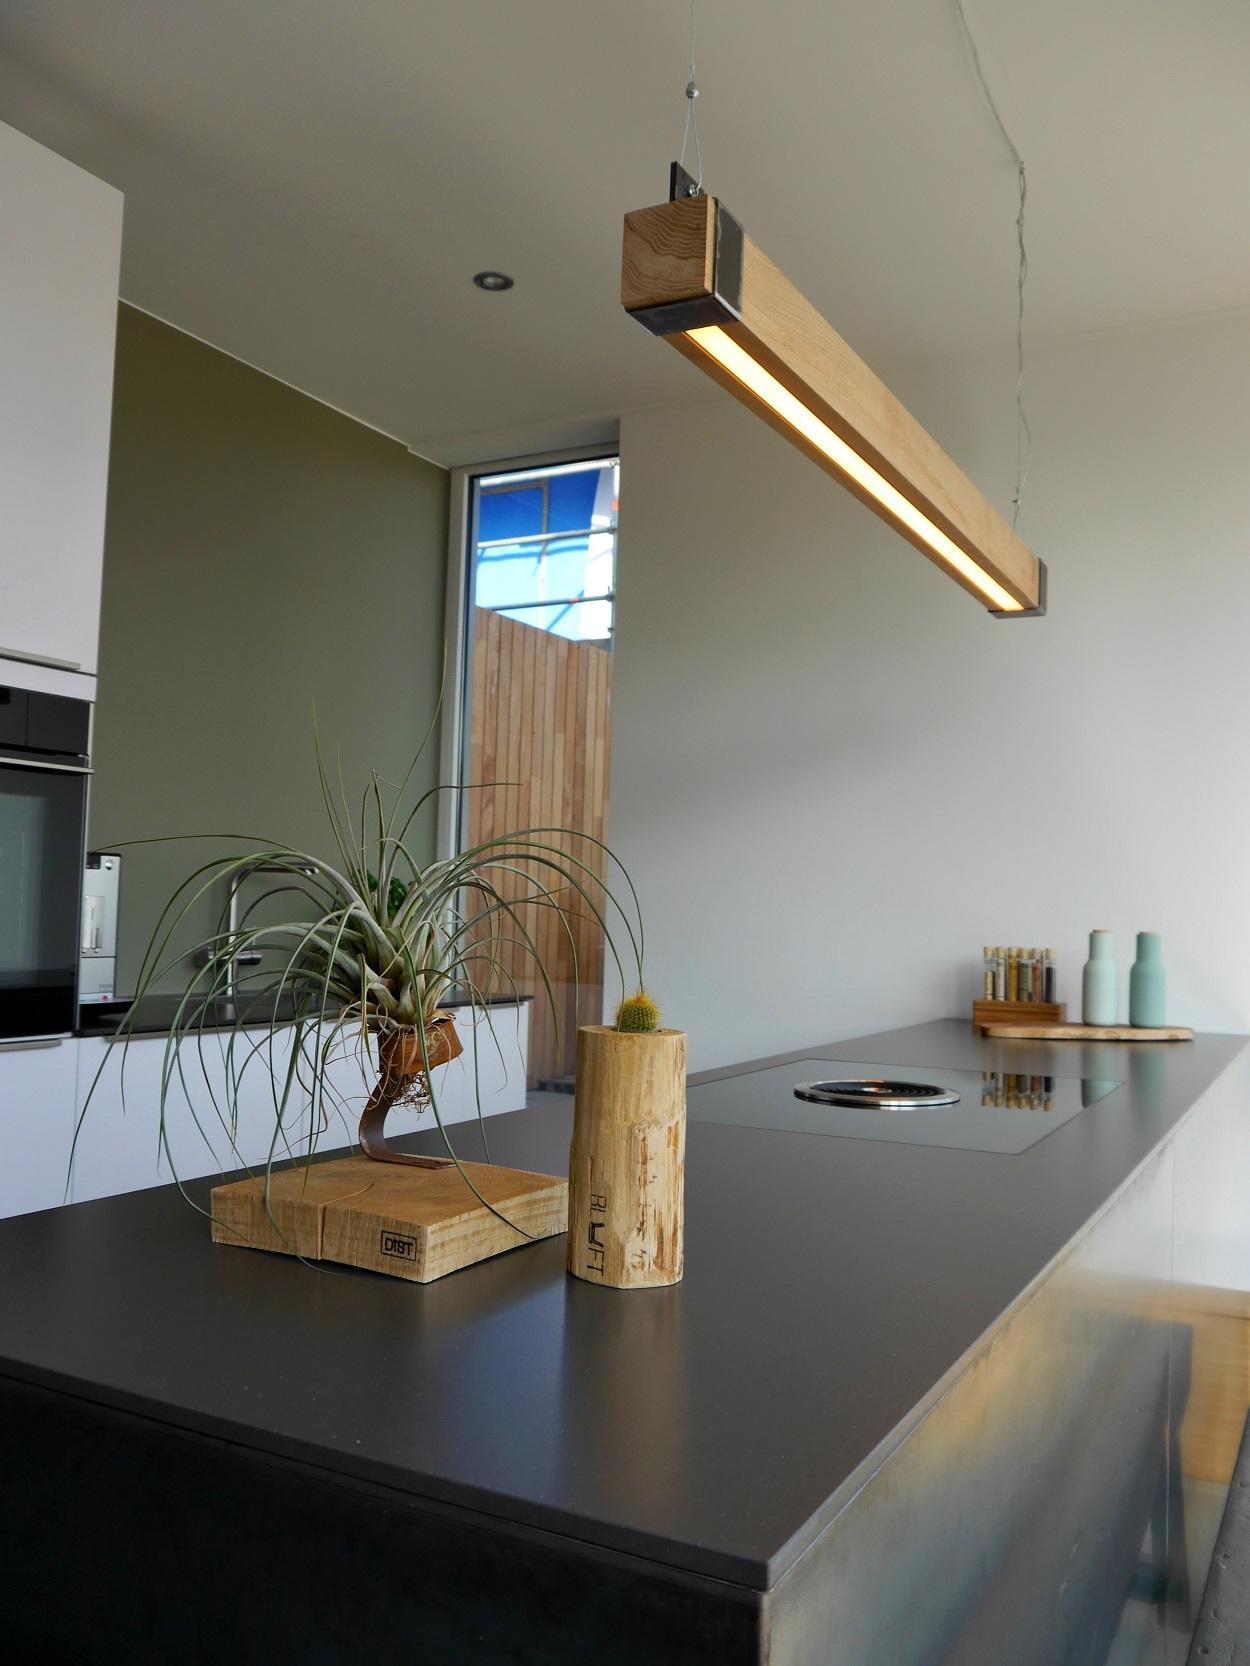 Houten balklamp 39 woodlight 39 indusigns for Houten eettafel design